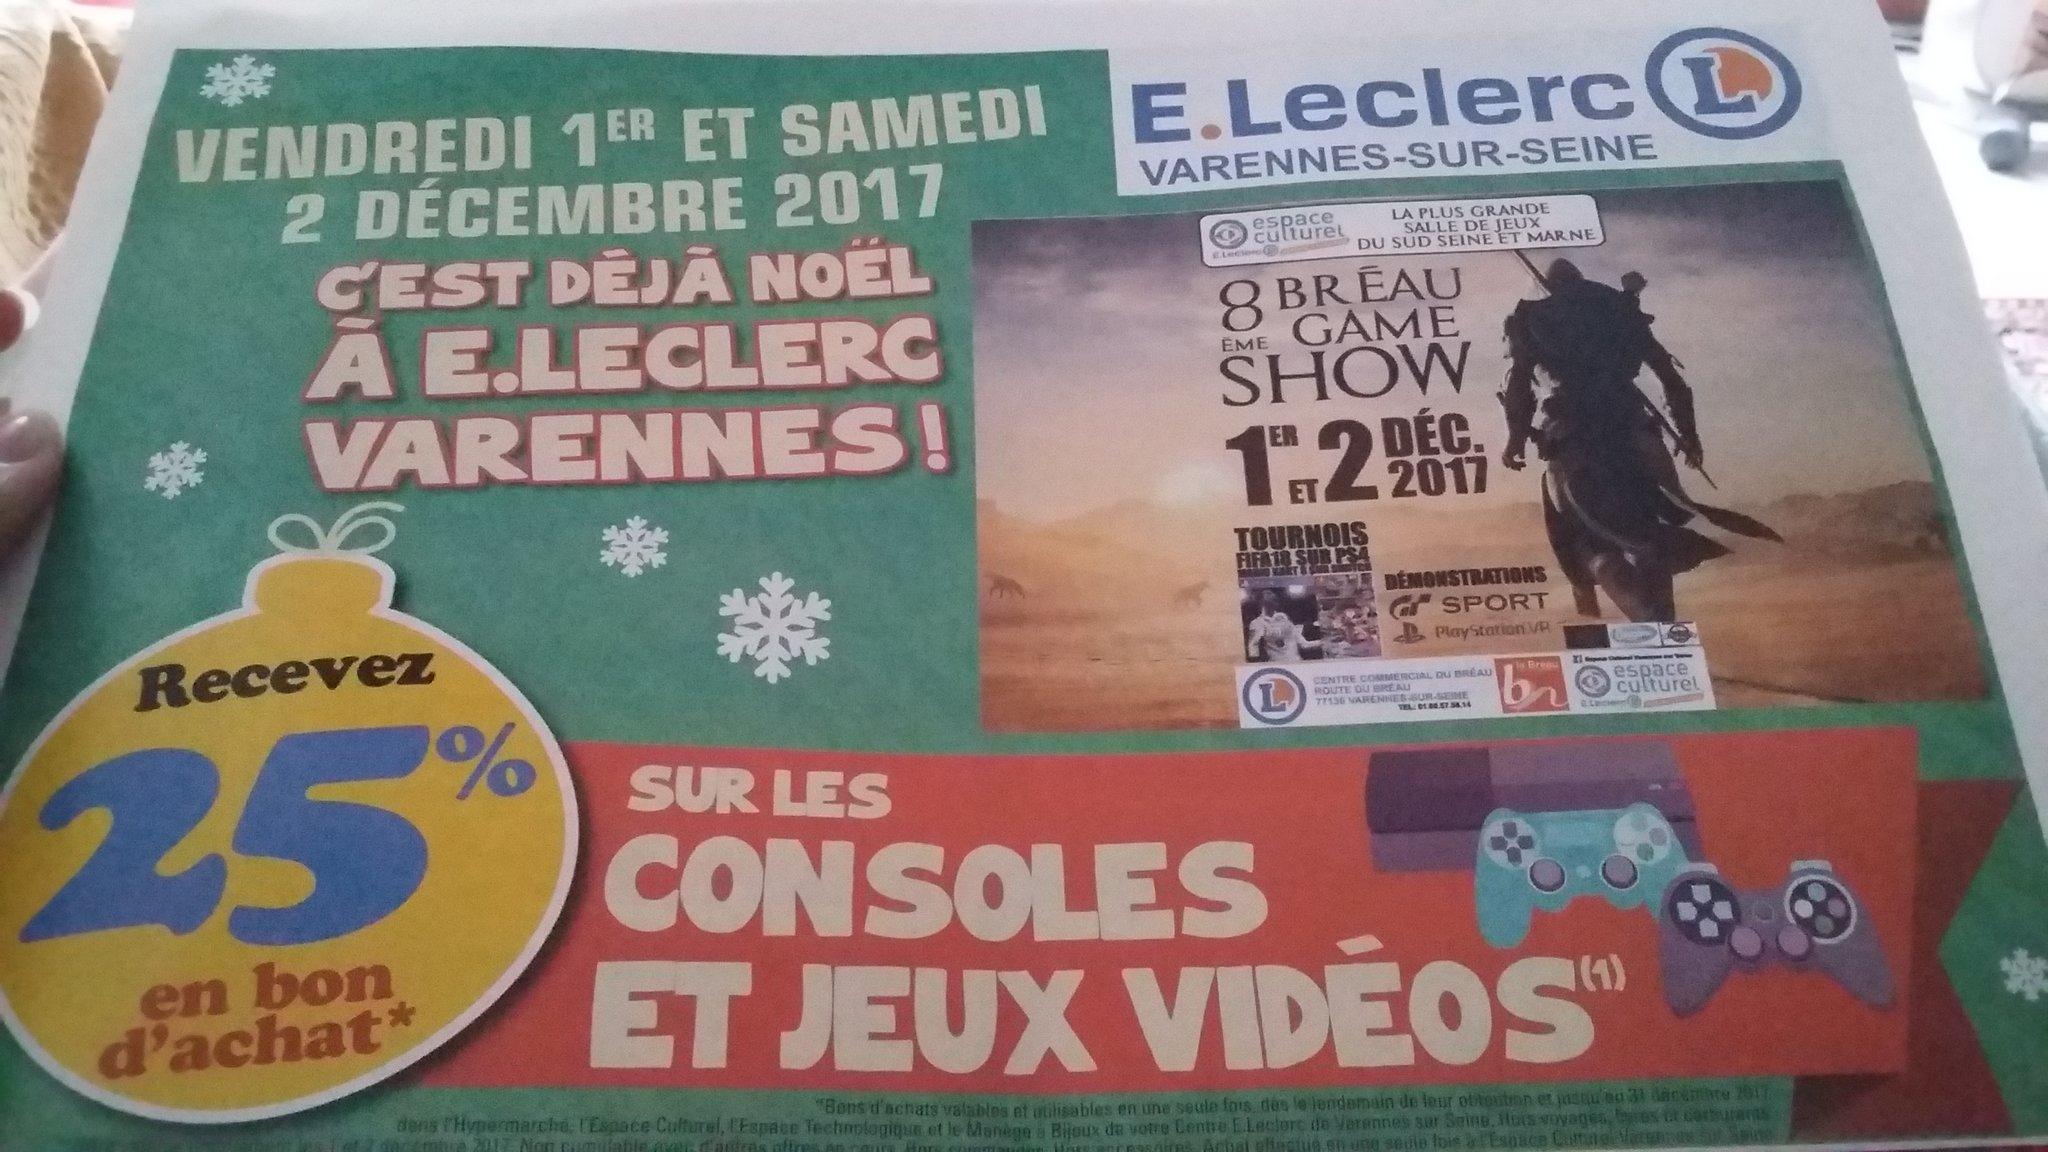 Console nintendo switch via 73 en bon d 39 achat leclerc for Leclerc varennes